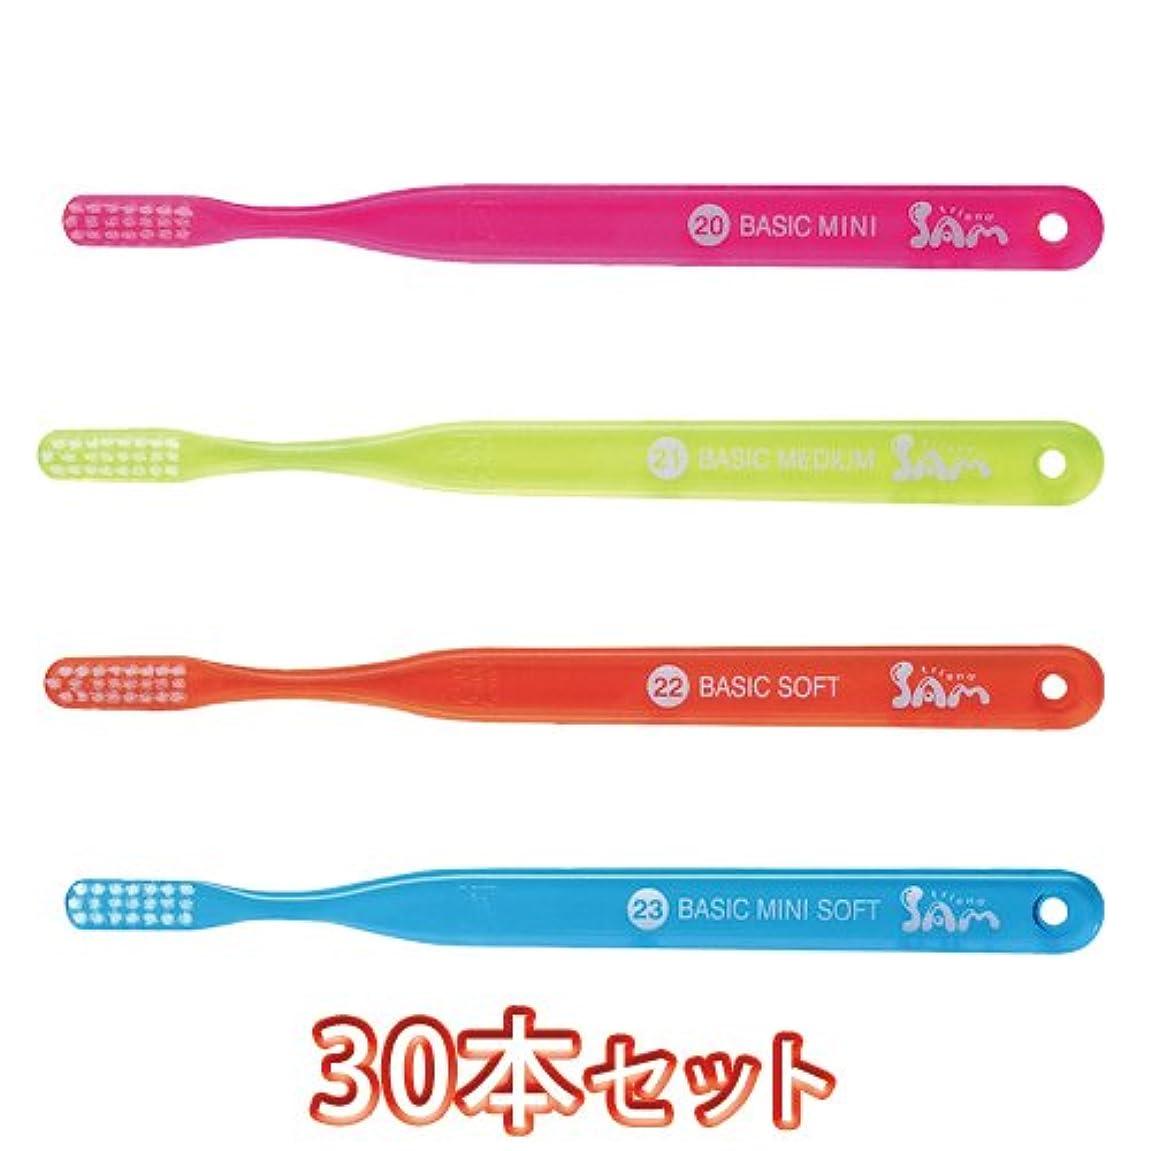 汚染されたトレイカフェサムフレンドベーシック歯ブラシ30本入(20/21/22/23) (?21)